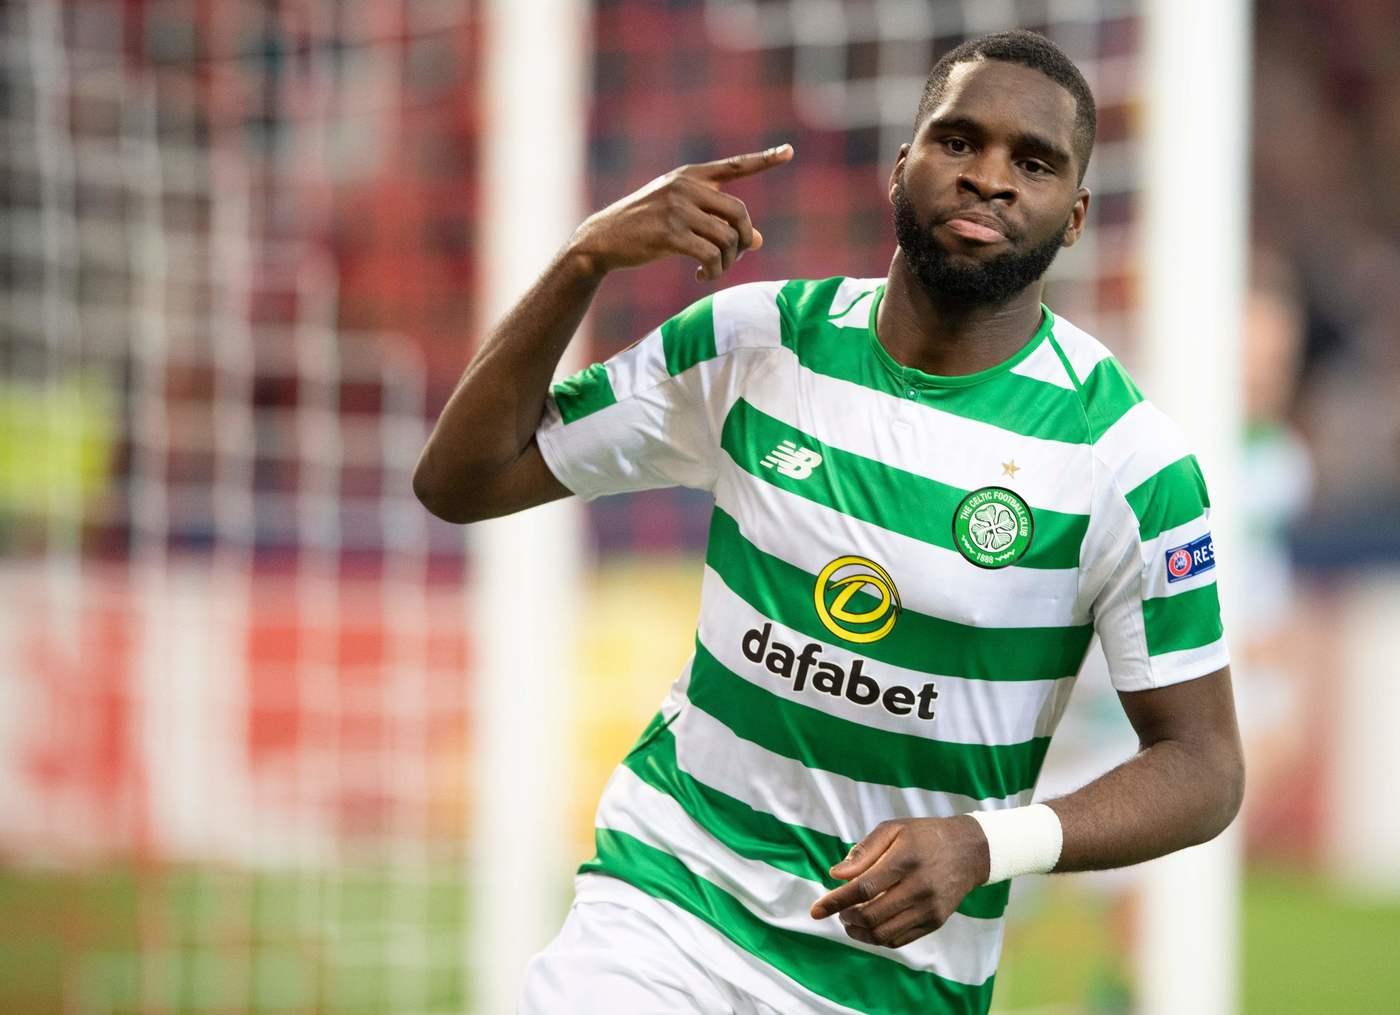 Scozia Premiership, Dundee-Celtic domenica 17 marzo: analisi e pronostico del posticipo della 30ma giornata del campionato scozzese